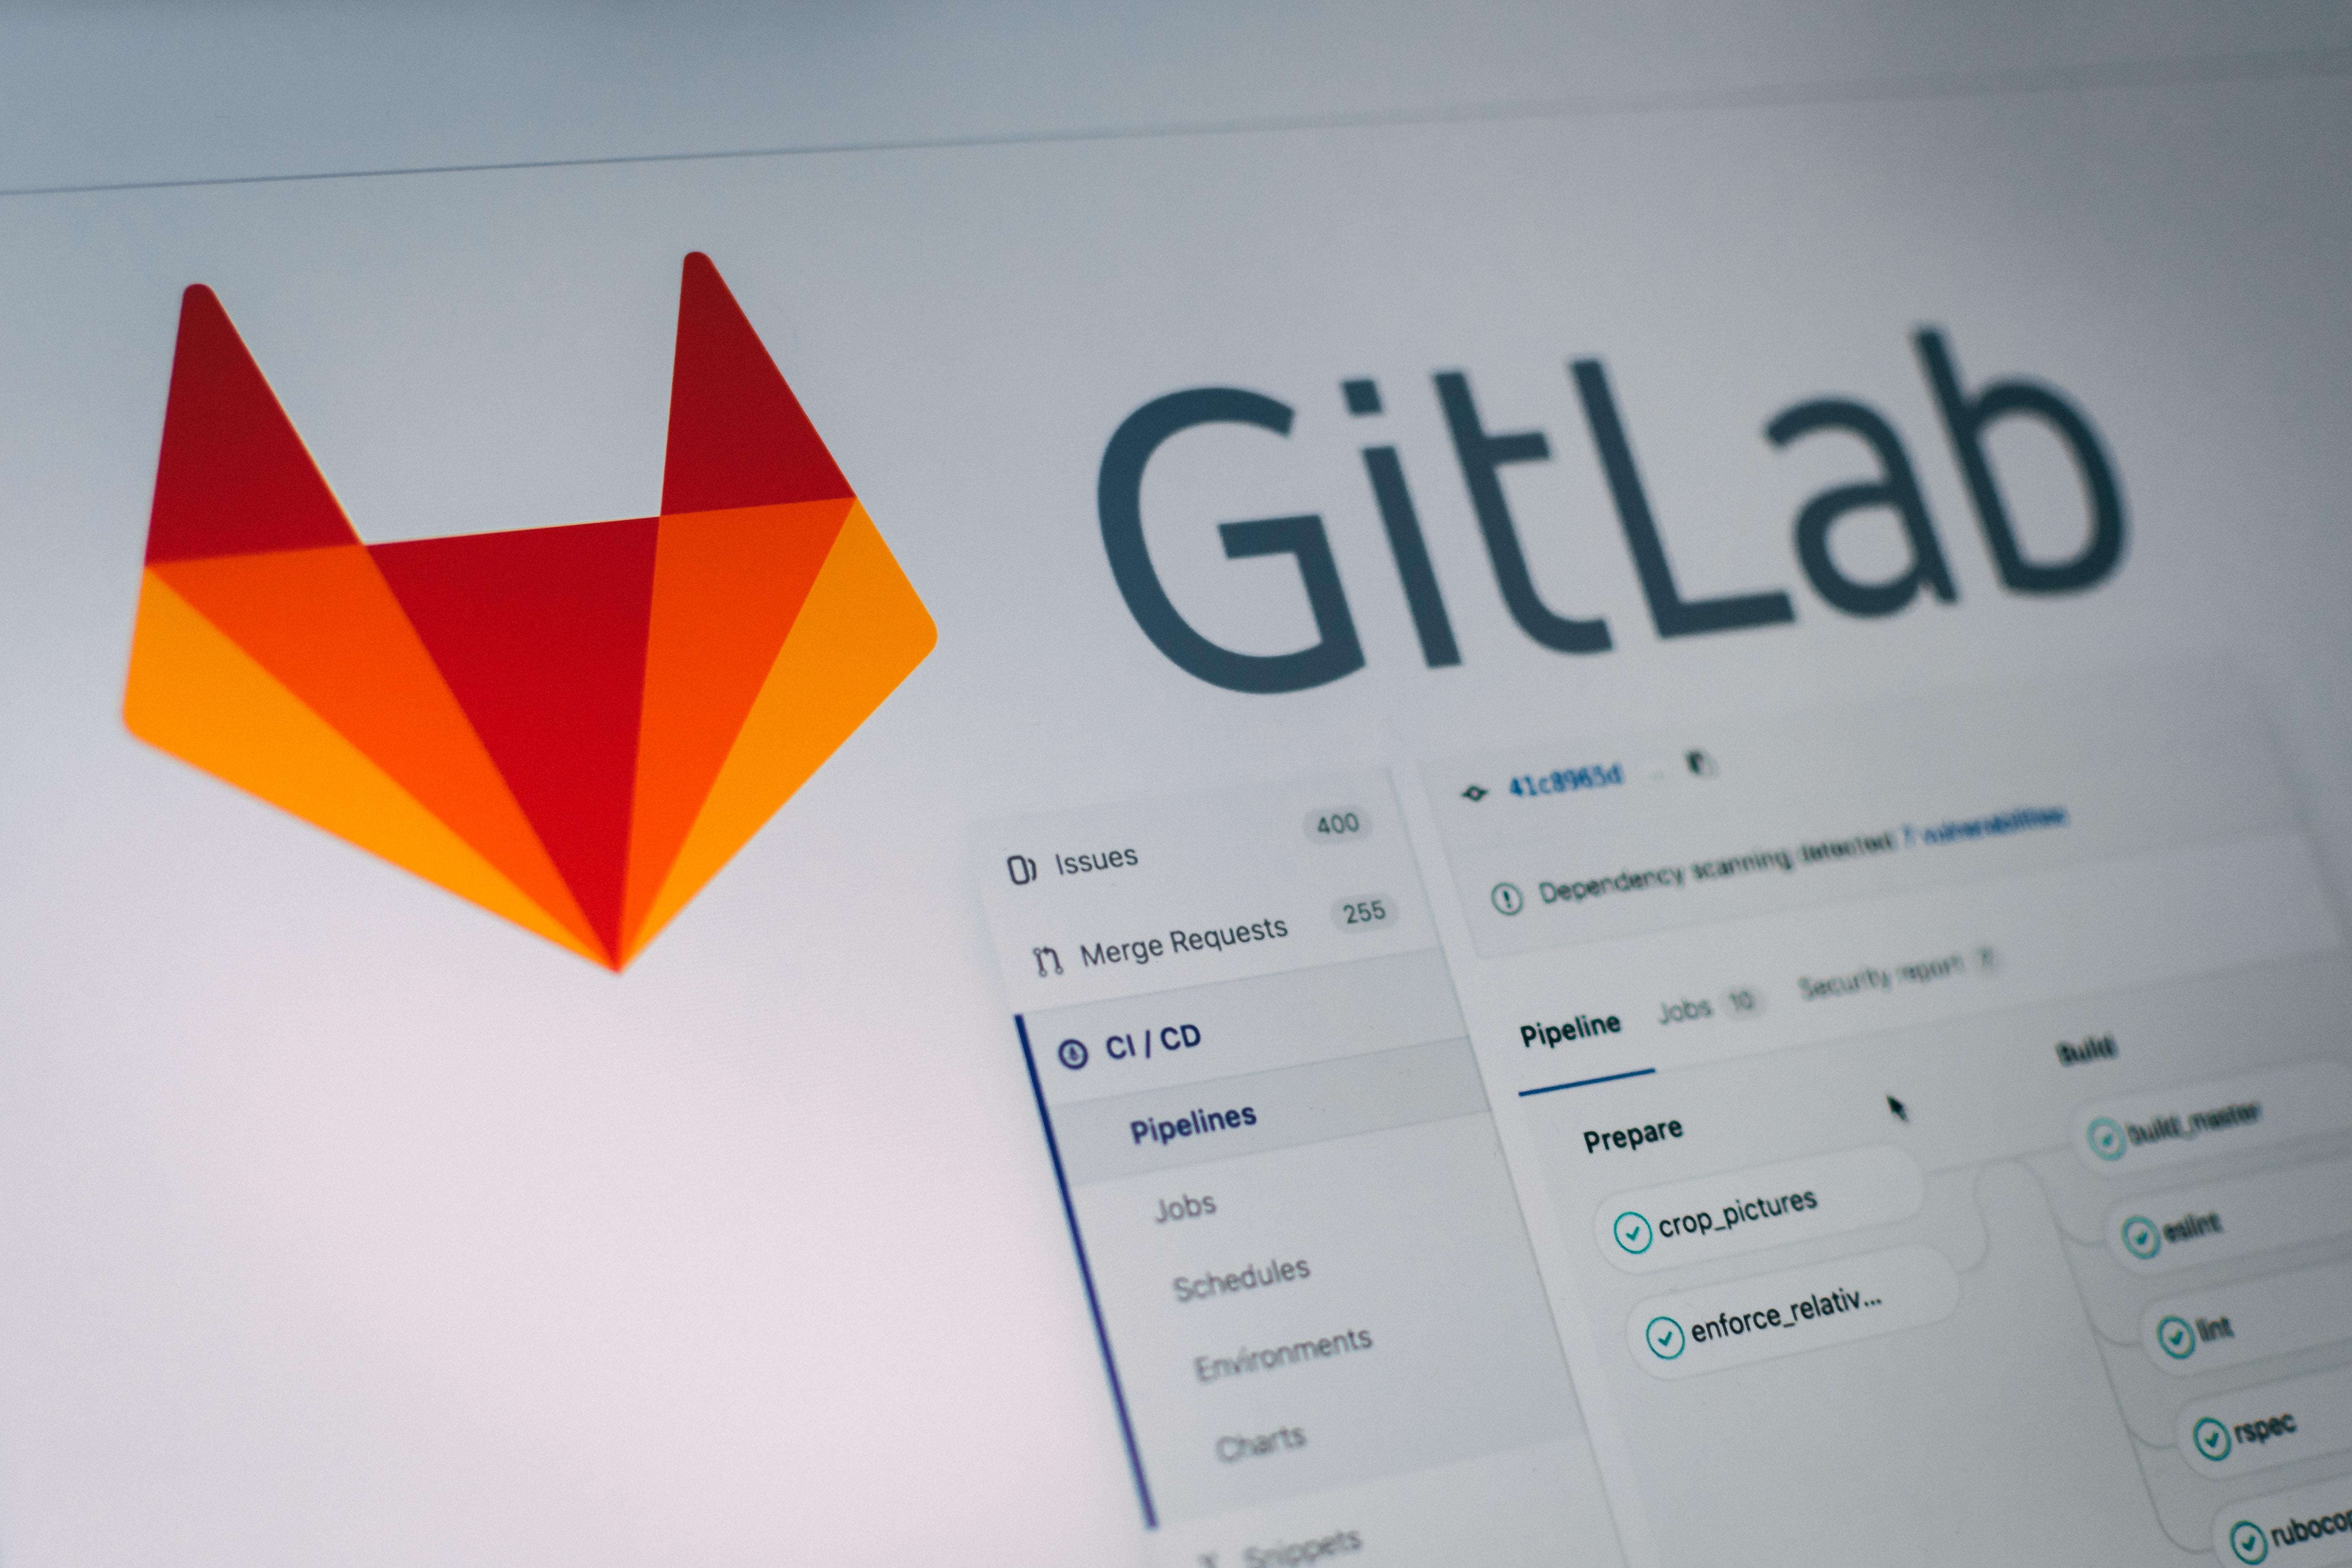 Risikoer ved å bruke Gitlab eller andre kodehus